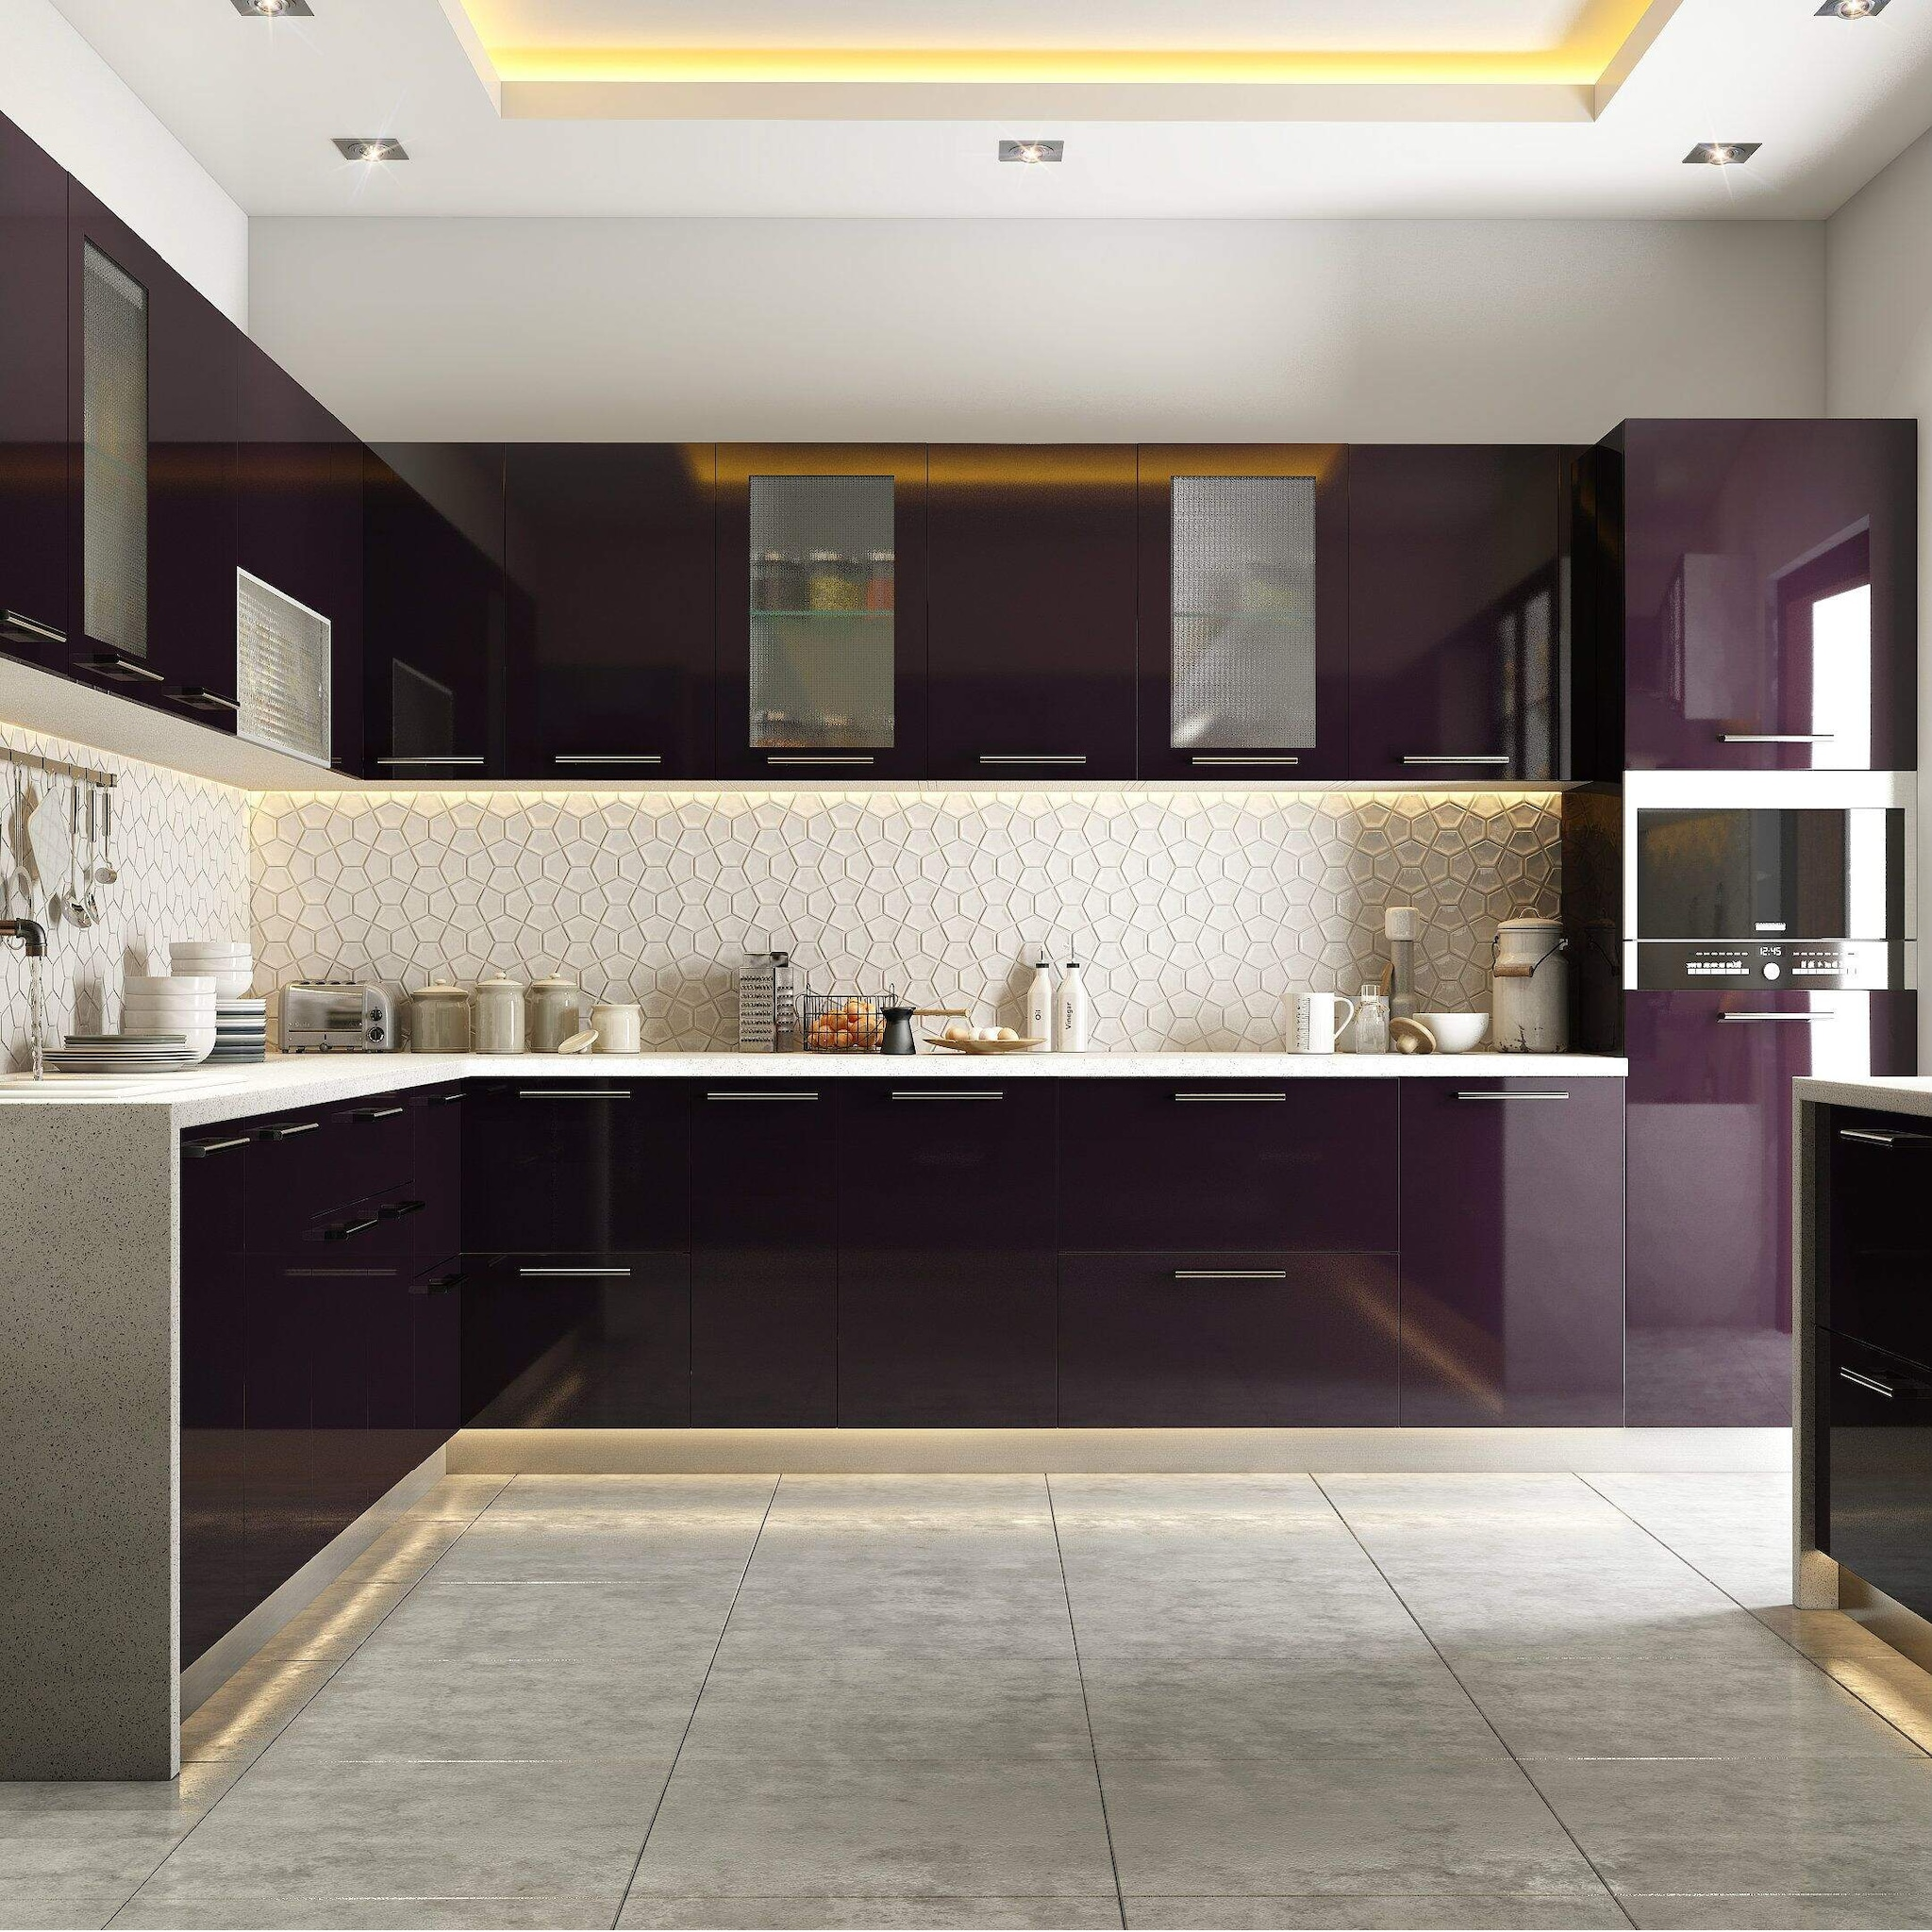 Designer Modular Kitchen At Best Price Designer Modular Kitchen By Laxmi Steel Industries In Pune Justdial